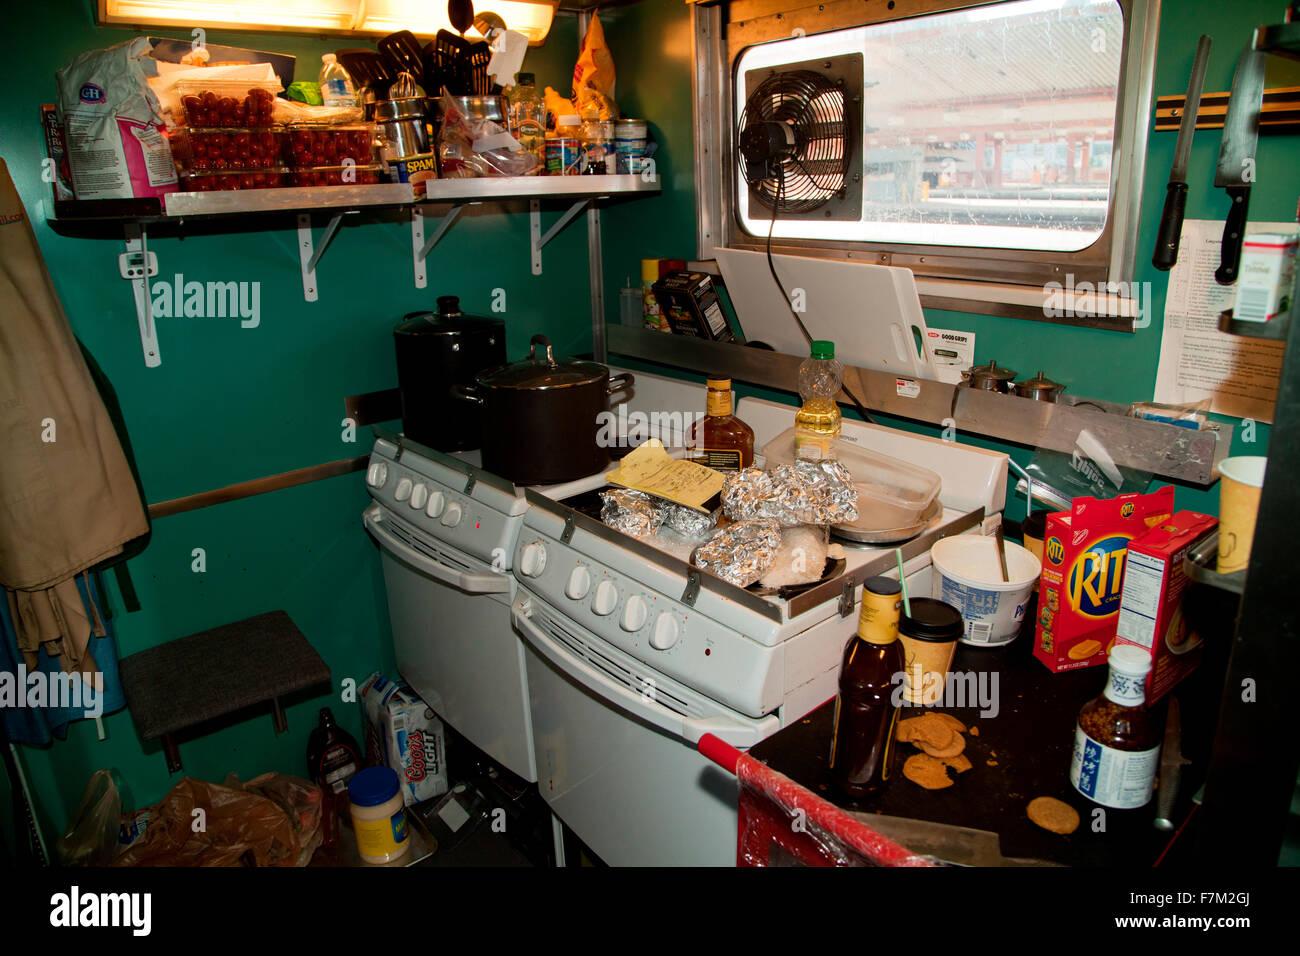 Station Kitchen Stockfotos & Station Kitchen Bilder - Alamy